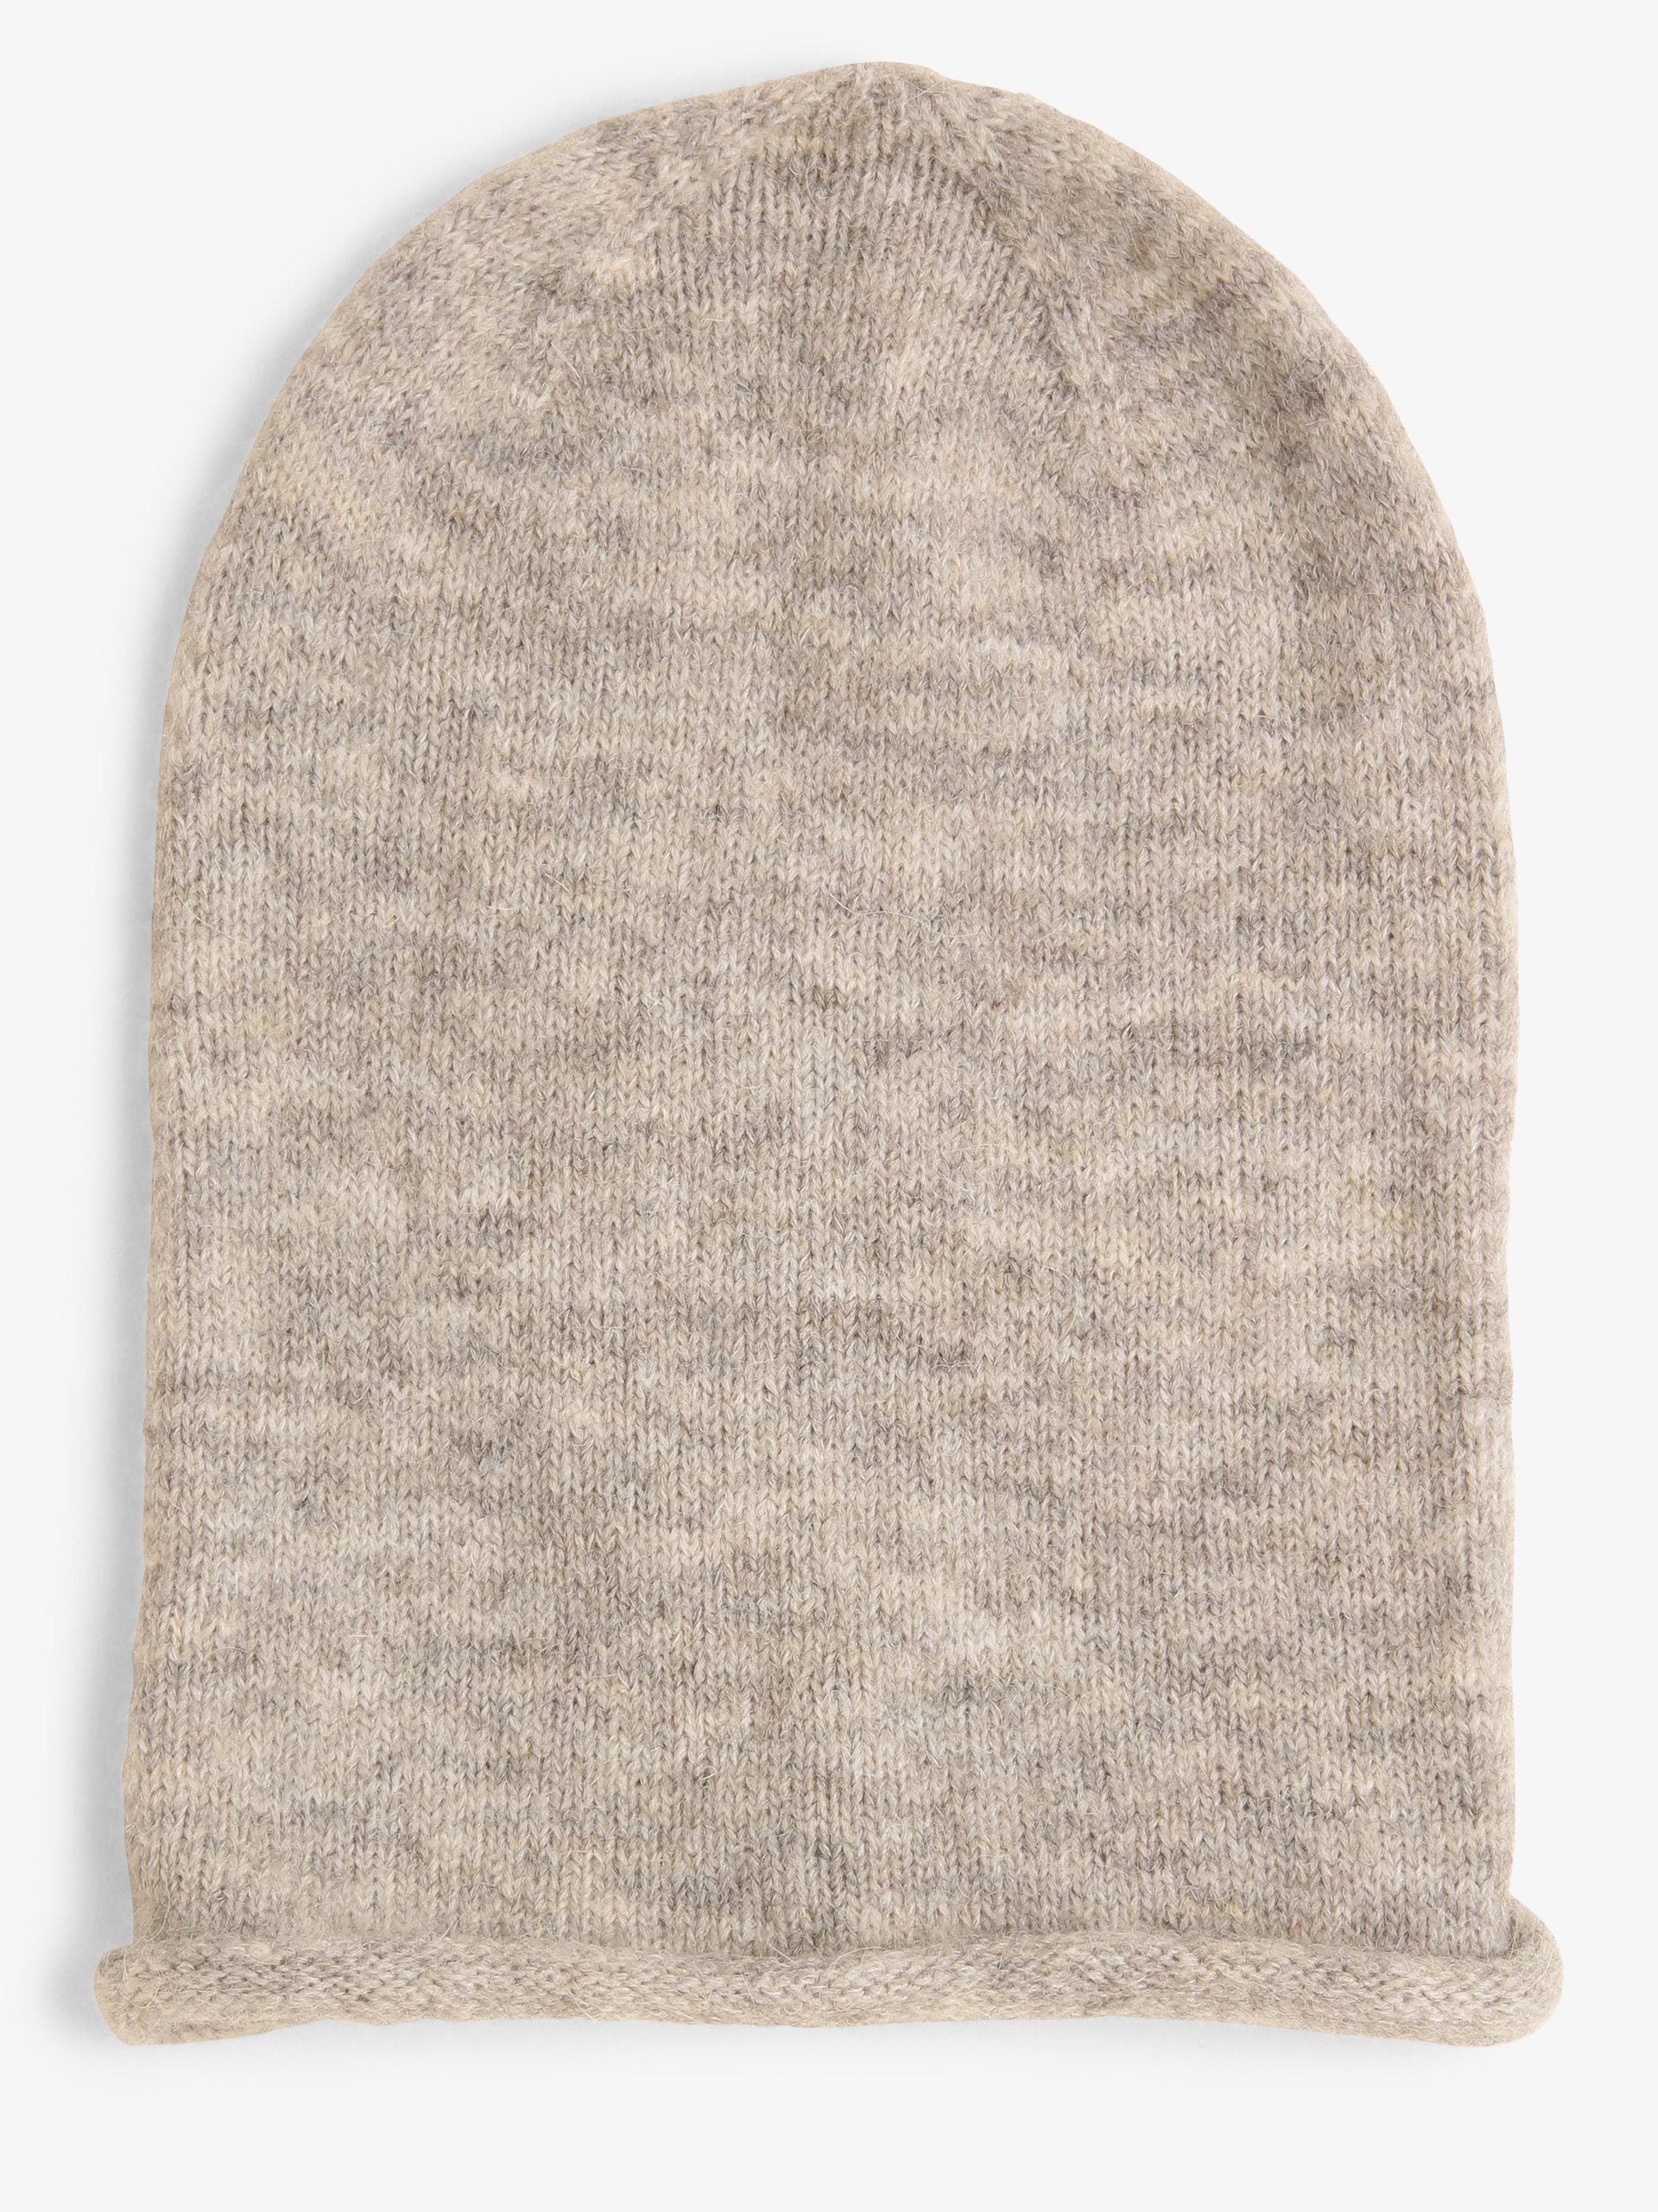 ONLY Damen Mütze mit Alpaka-Anteil - Onlalpaca